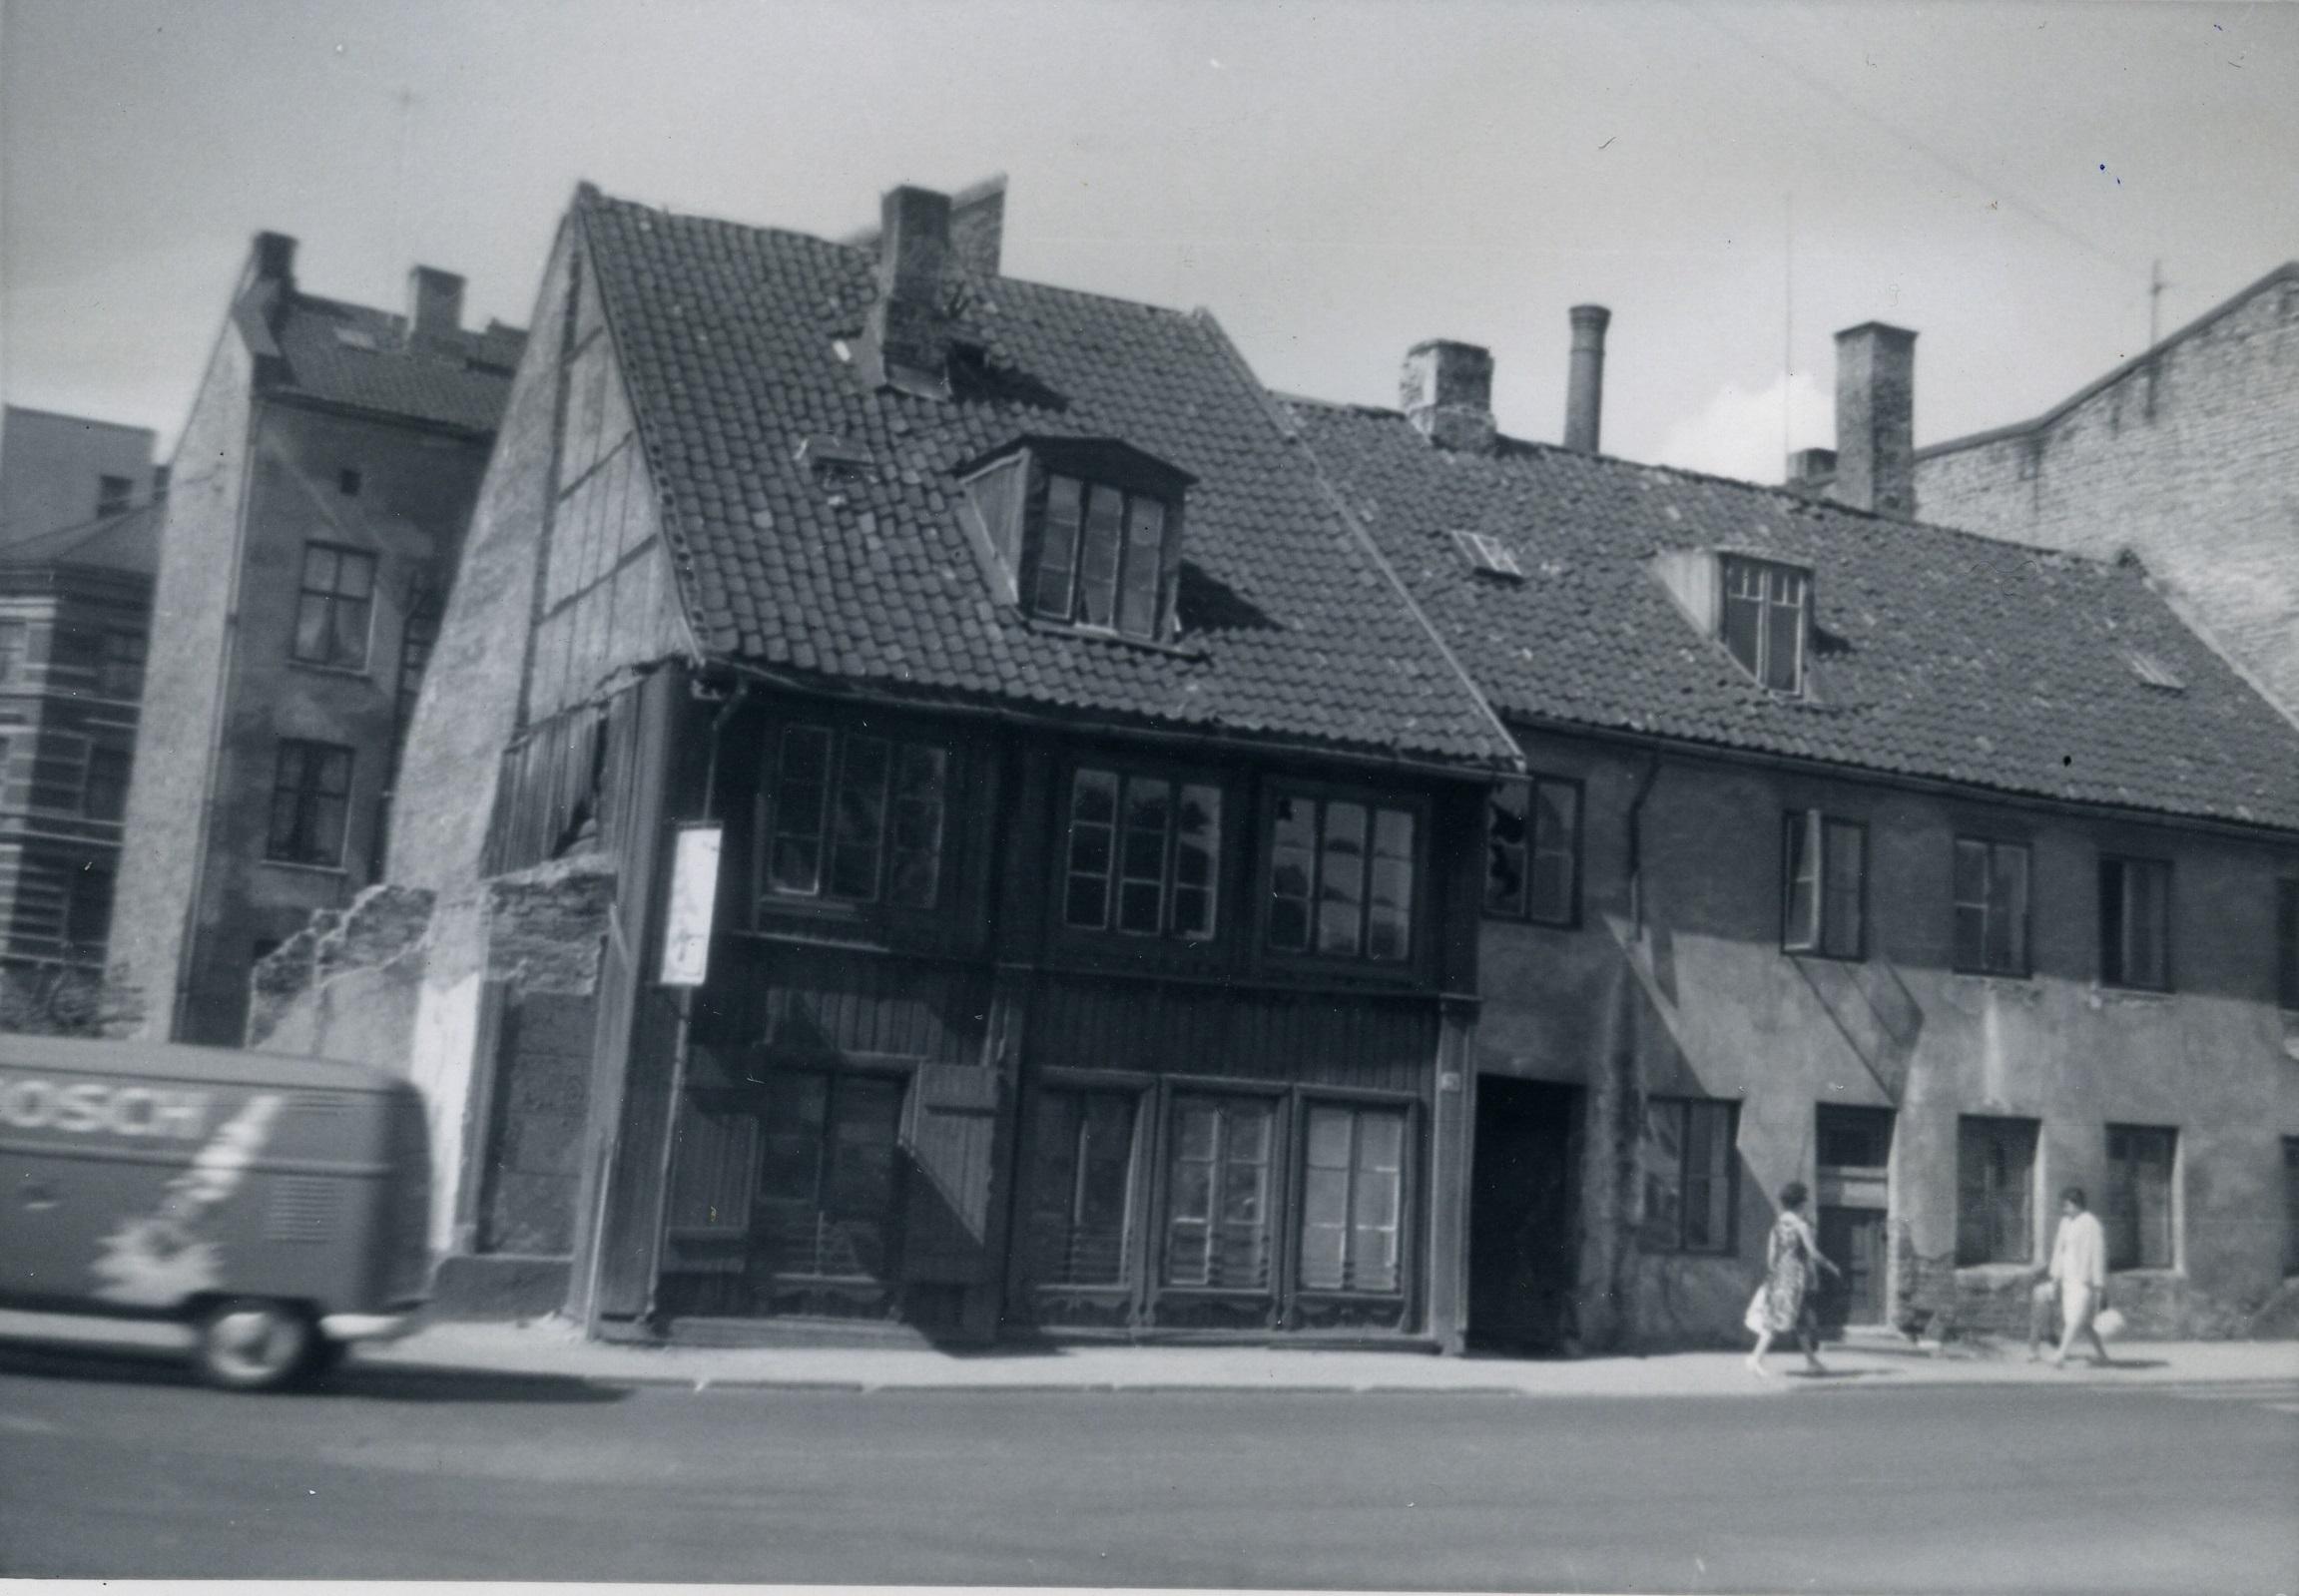 Sanert: Lakkegata 28 hvor Anton bodde i årene ca 1893-1895. Gården er nå revet. Foto: Anton Andresen, Arbeiderminner 1962